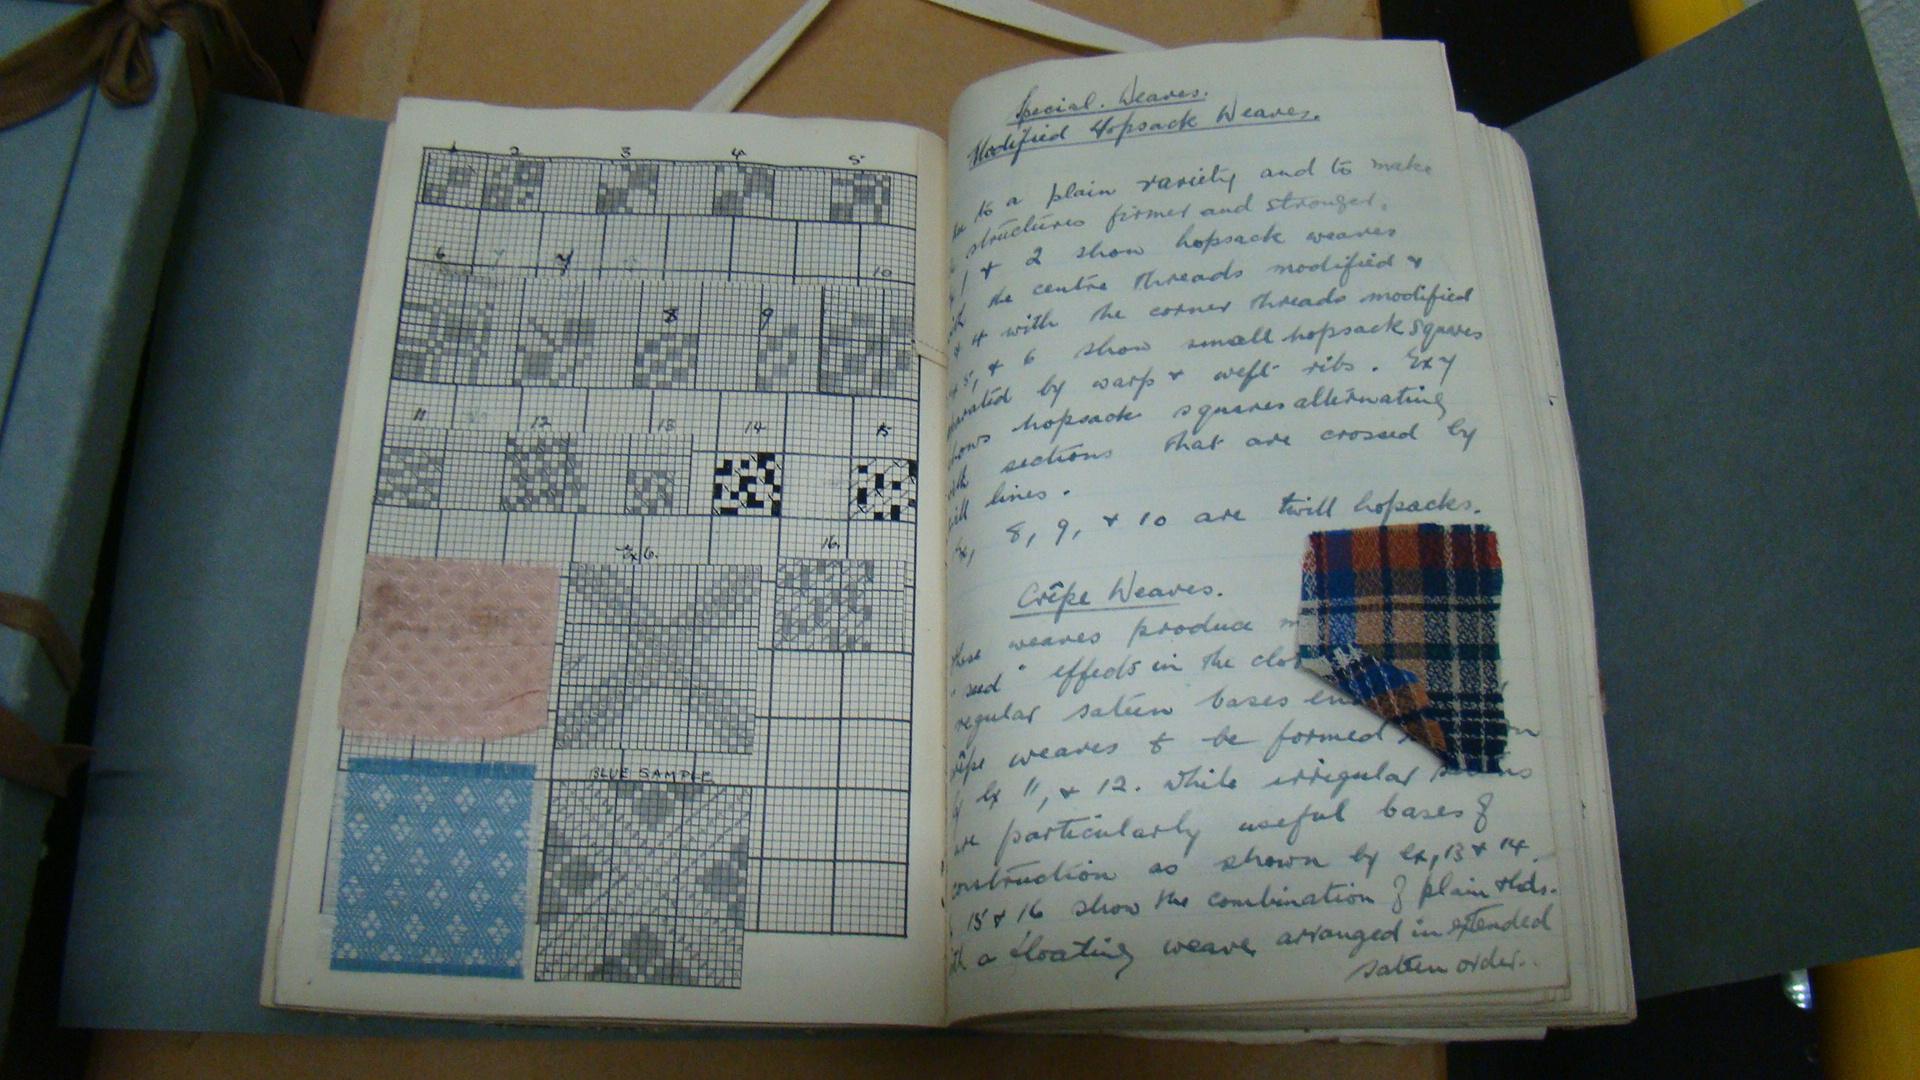 Daisy Anderson sketchbook